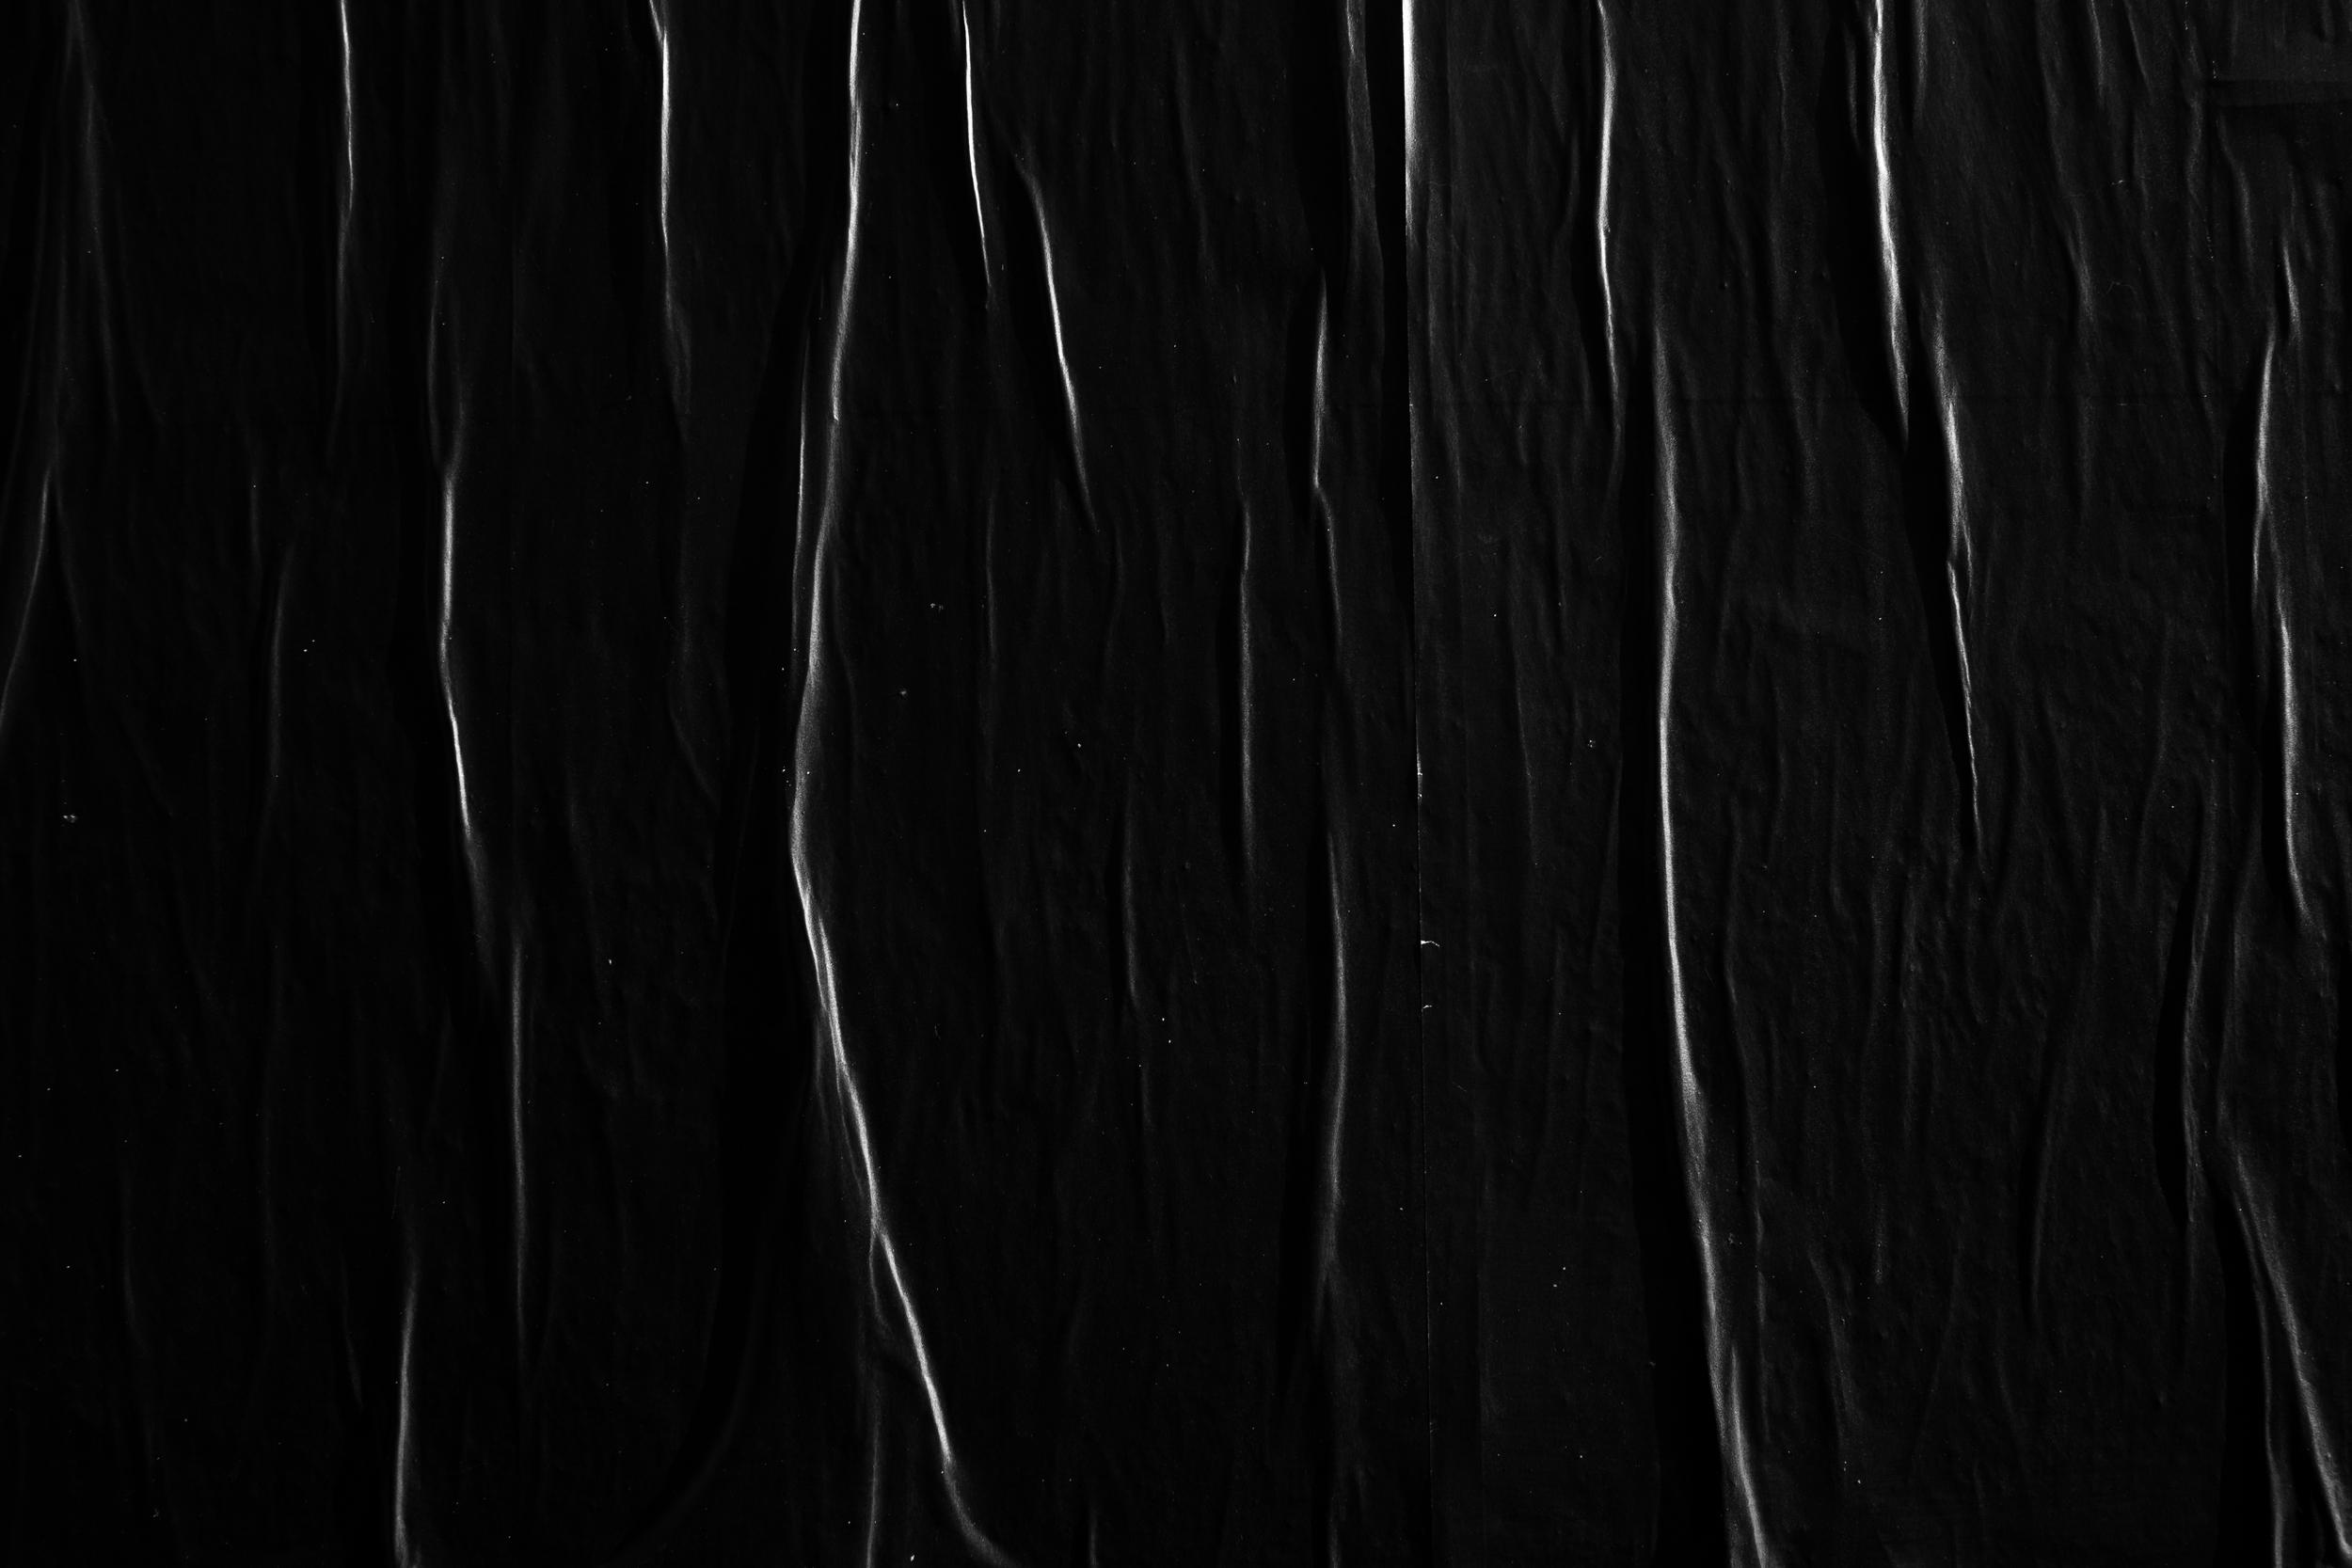 12-T5-Wrinkles_3.jpg